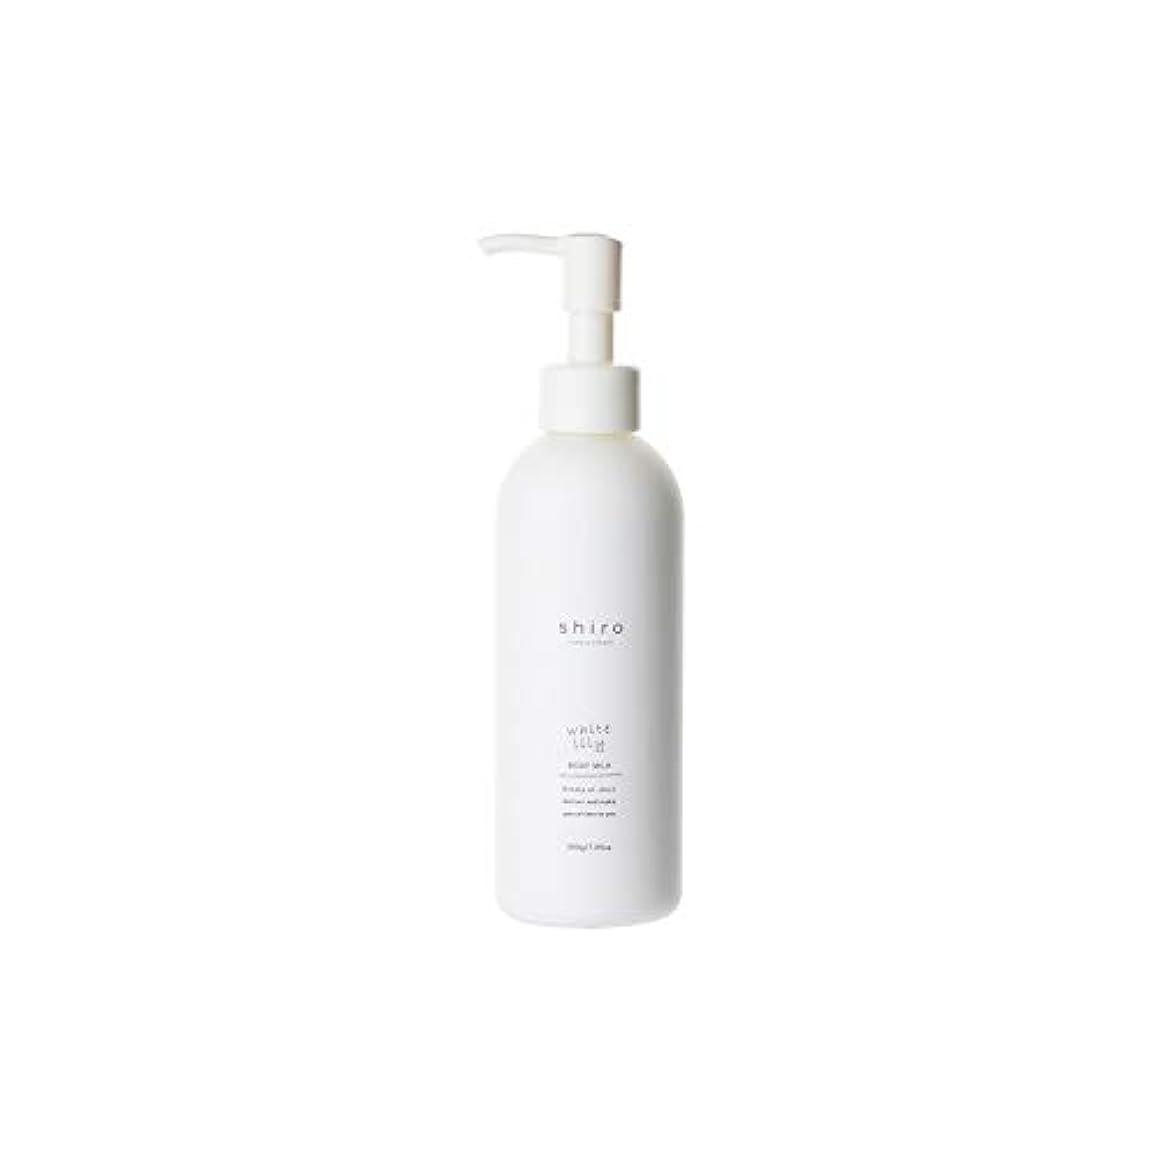 動機付ける筋肉の正午shiro white lily ホワイトリリー ボディミルク 200g